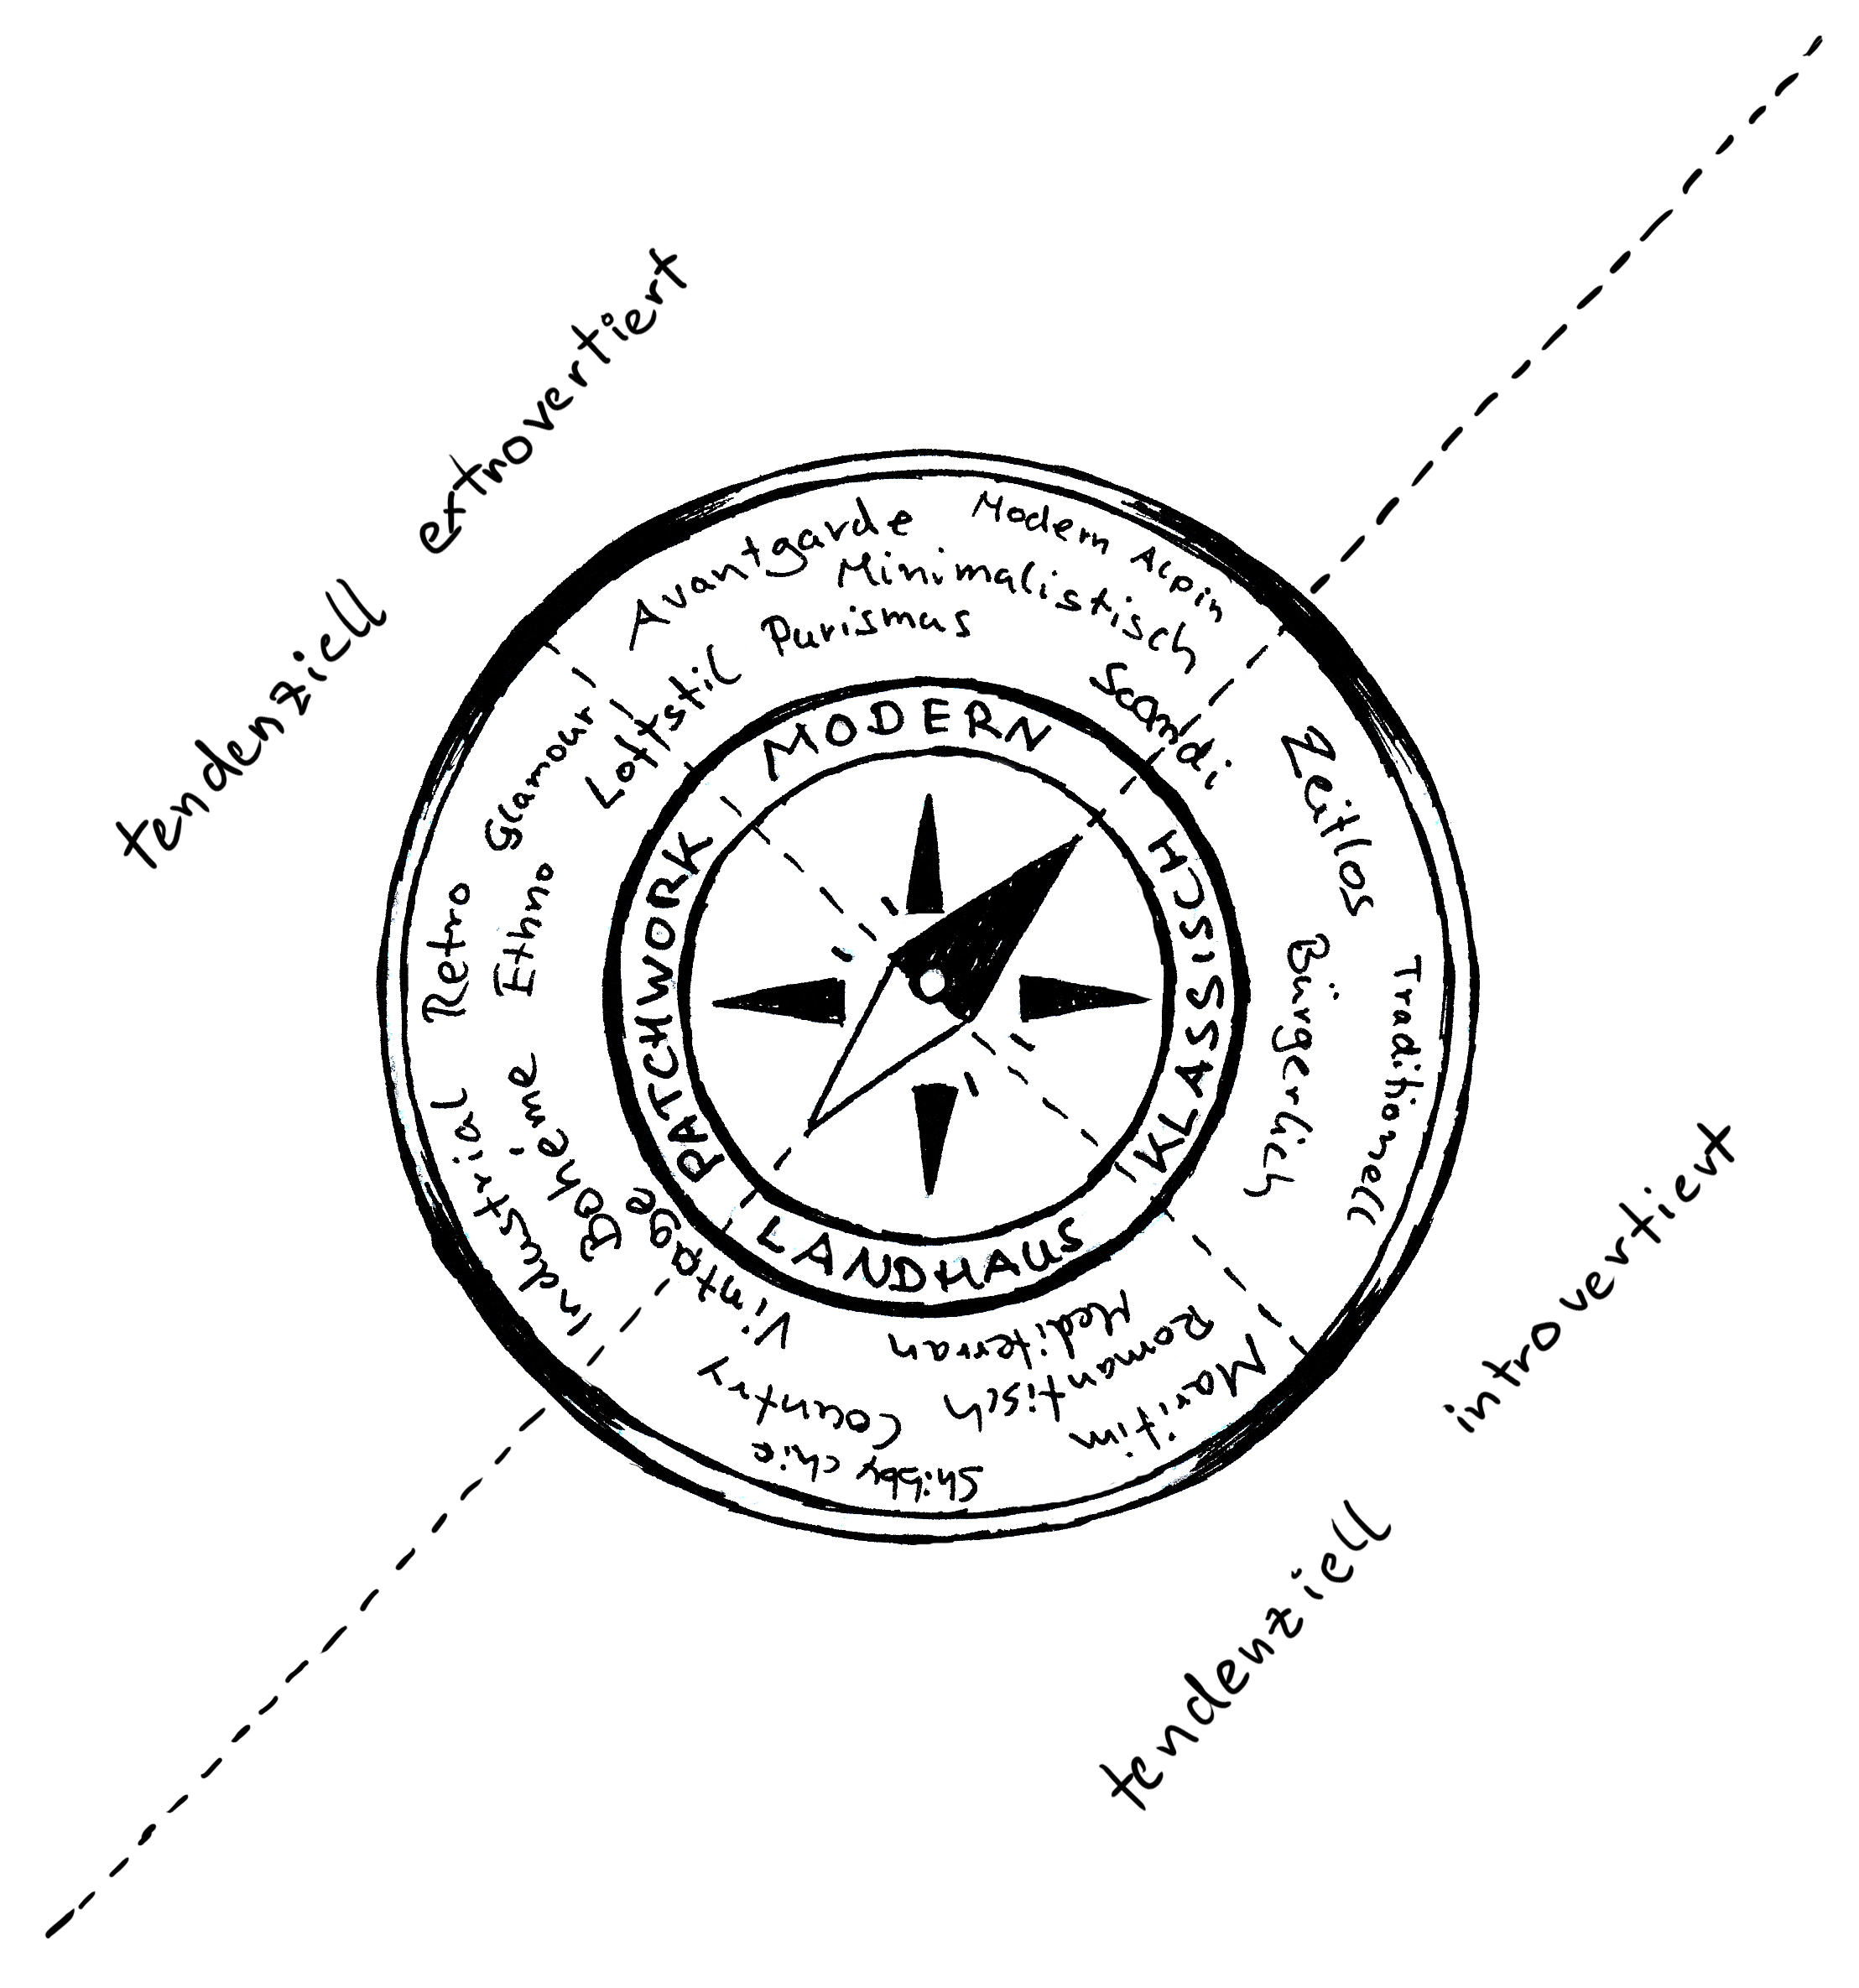 Der Wohnstil-Kompass und die Einordnung der Charakterzüge EXTROVERTIERT und INTROVERTIERT. (Wohnstil-Konzept von Michael T. Wurster, Thomas Wurster, Matthias Wurster und Simon Wurster)